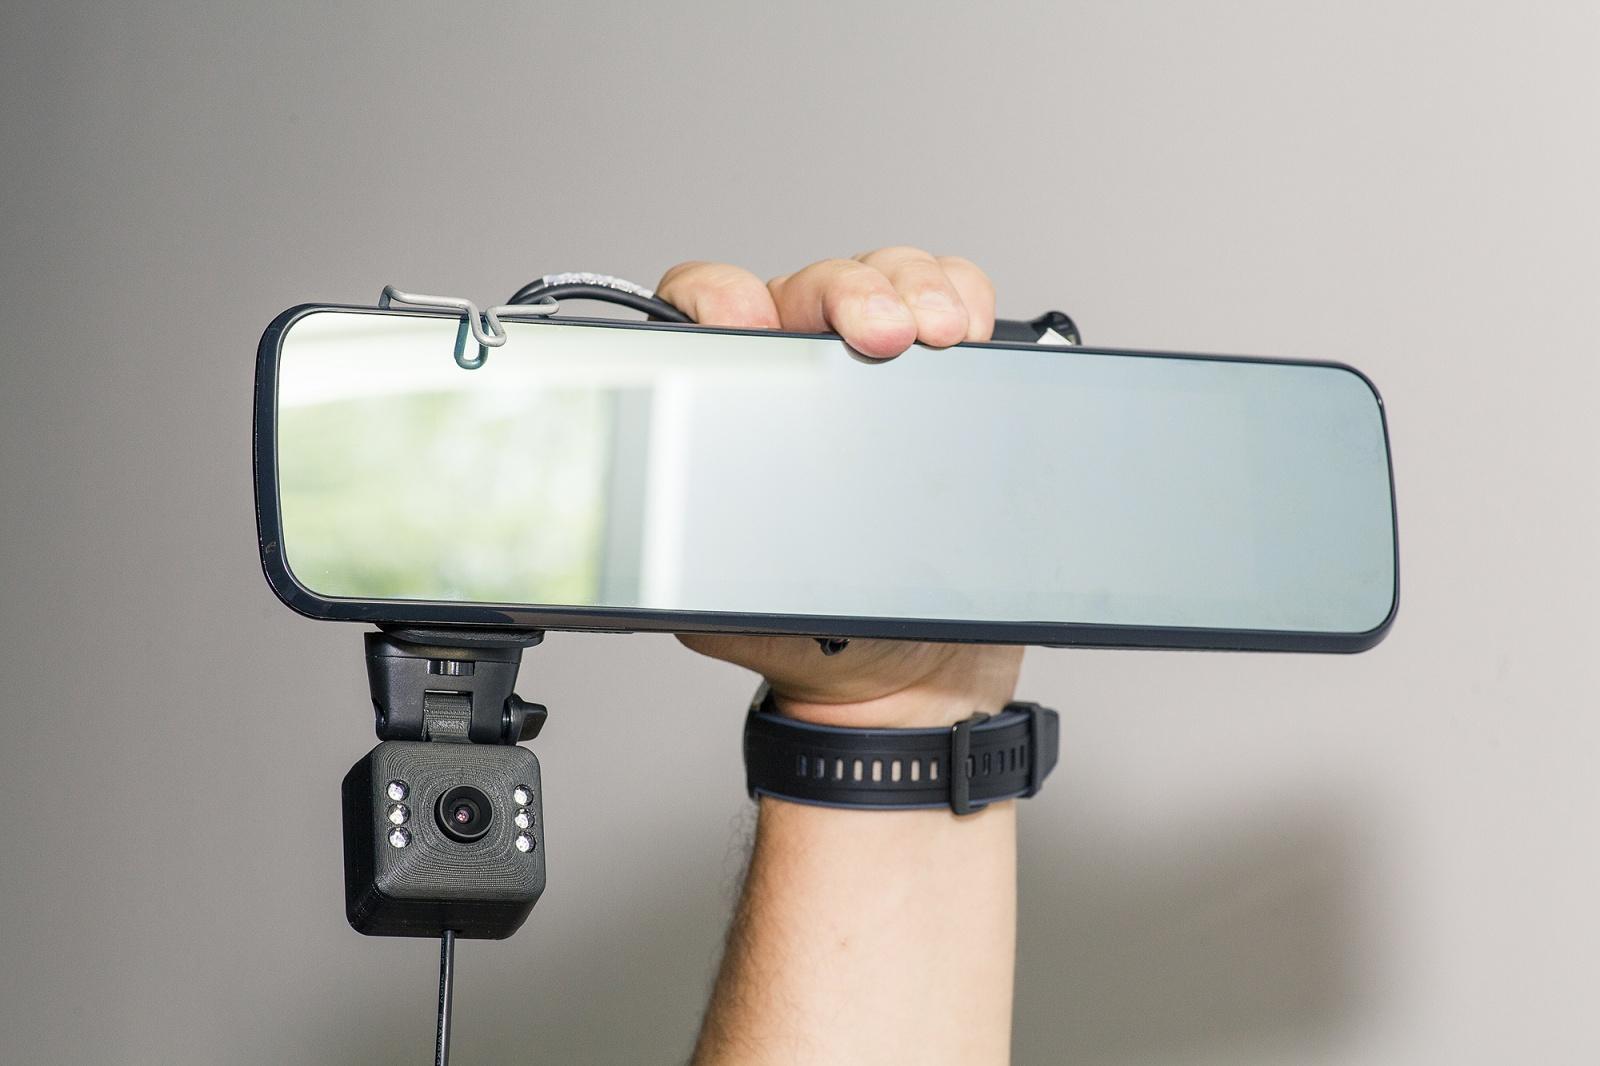 Как мы разработали устройство для контроля внимания водителей. Опыт Яндекс.Такси - 11